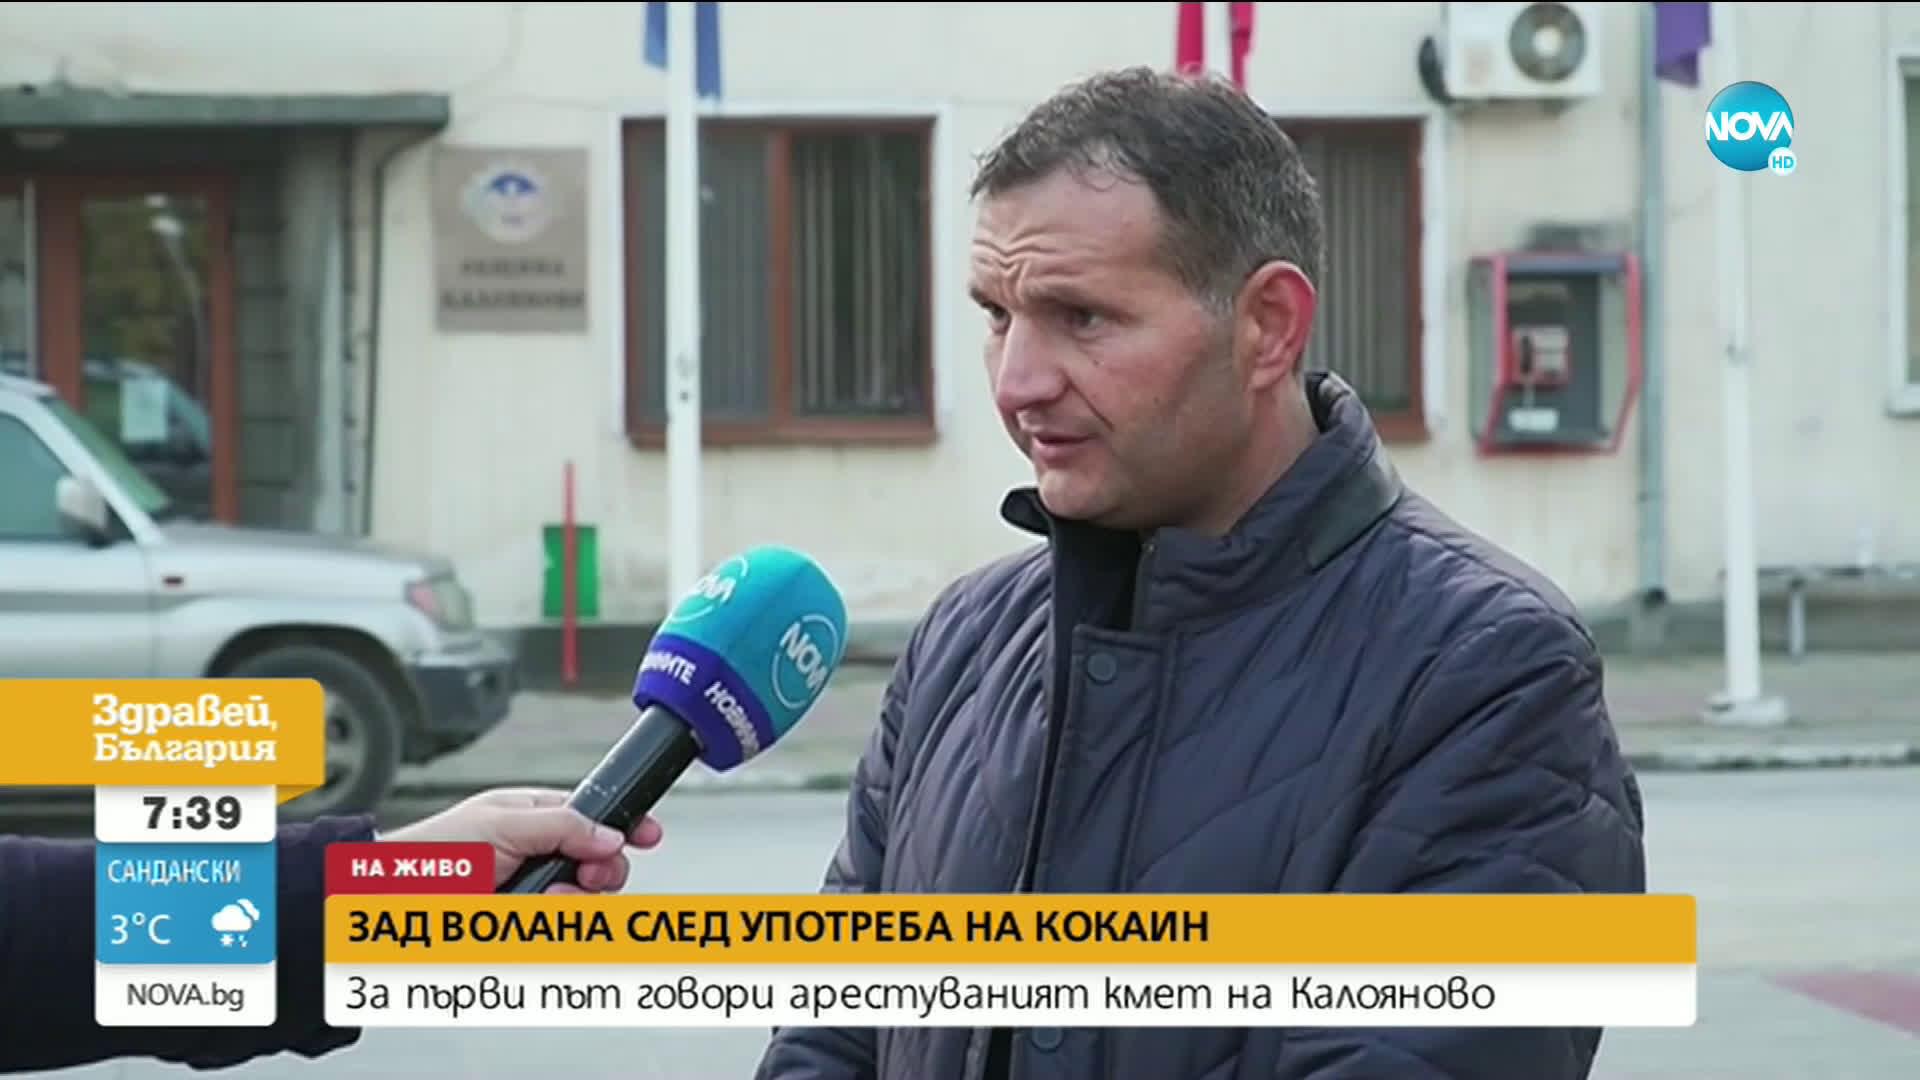 Кметът на Калояново: Не употребявам наркотици